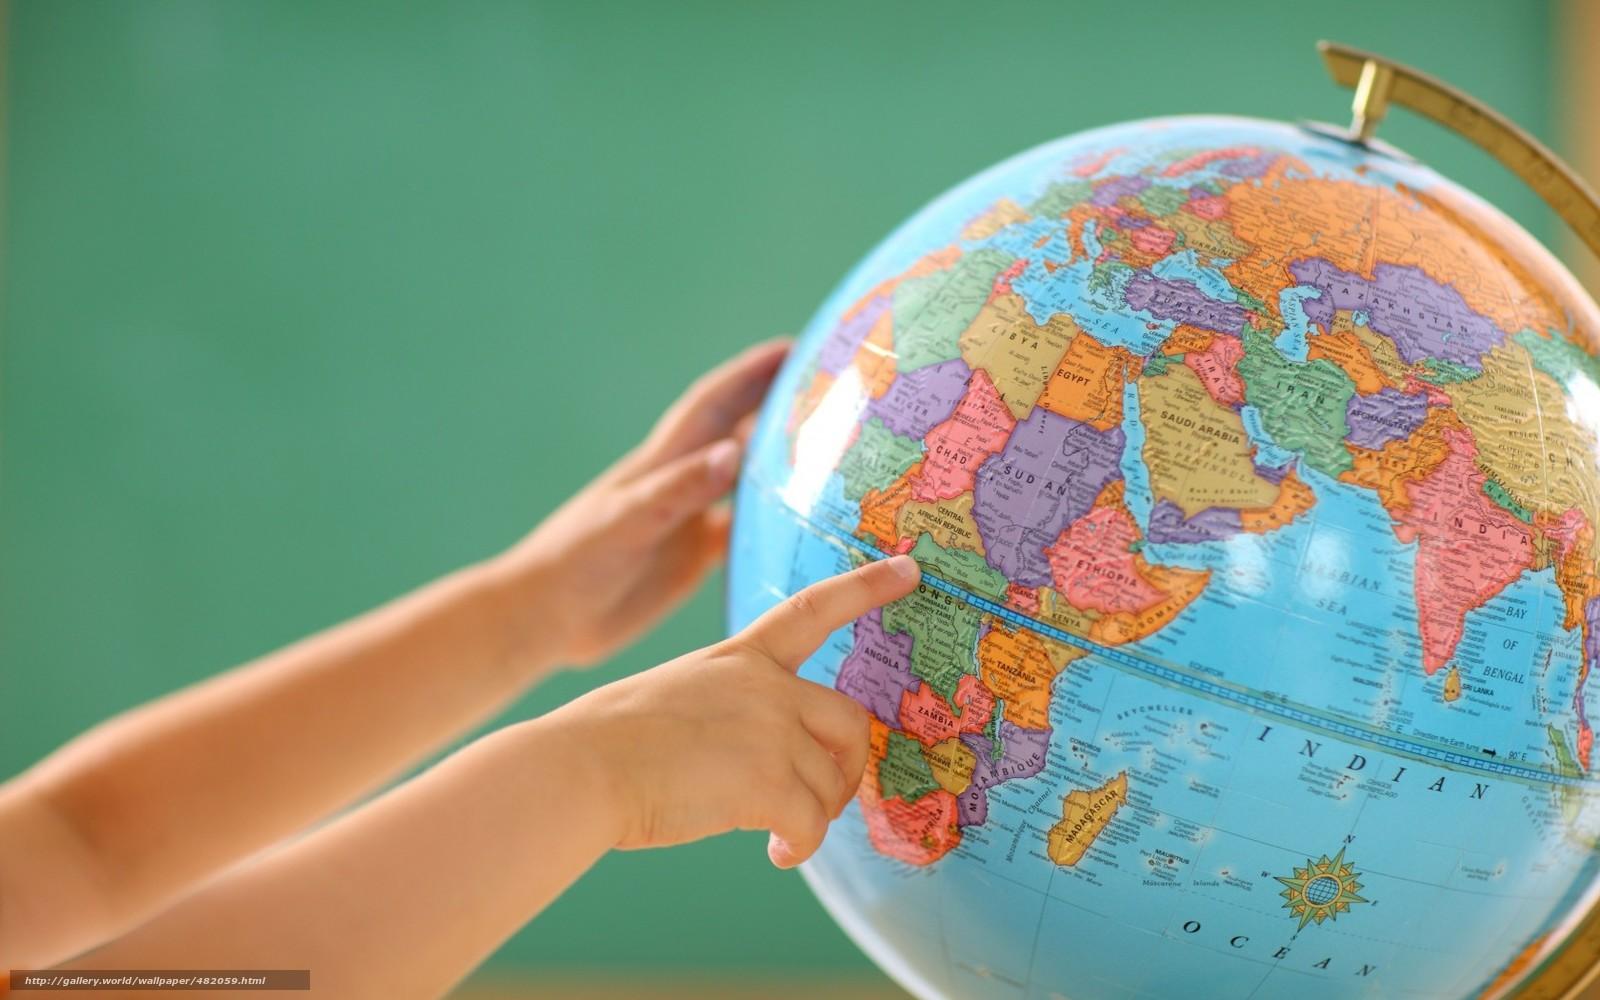 Tlcharger fond d 39 ecran globe carte mains monde fonds d for Fond ecran monde